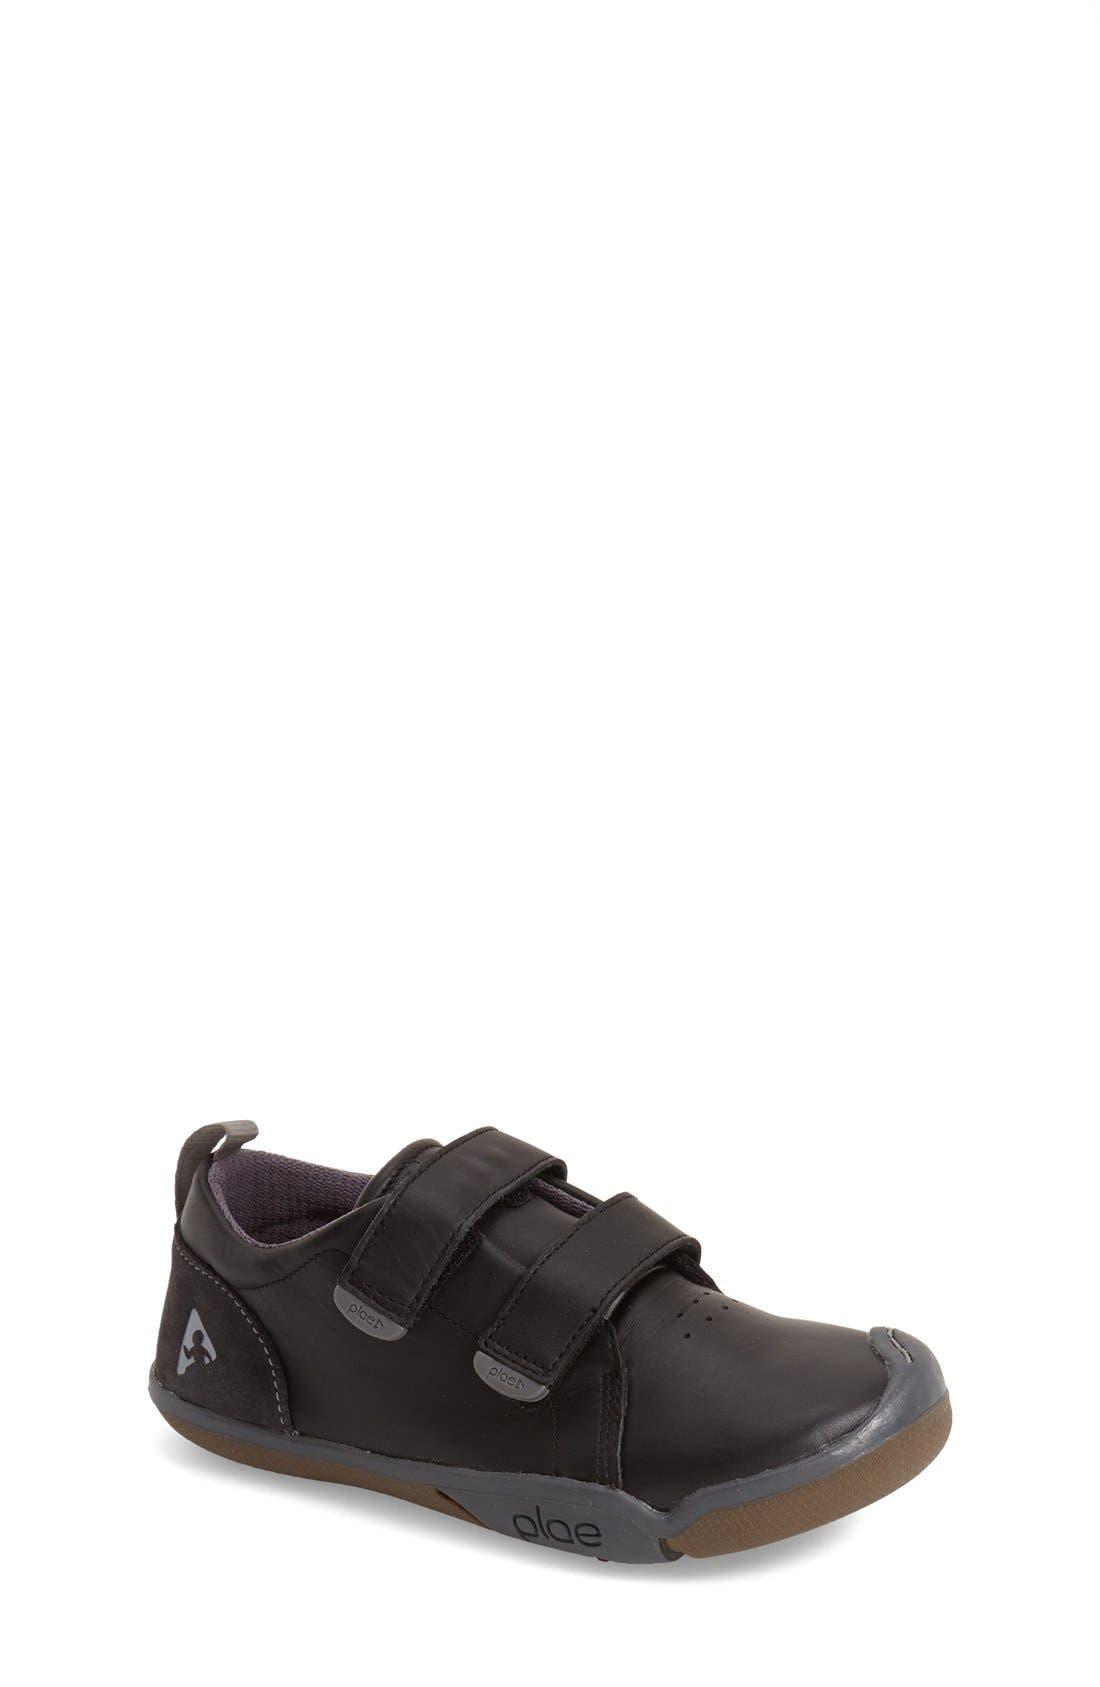 Roan Customizable Leather Sneaker,                         Main,                         color, BLACK SCHOOL